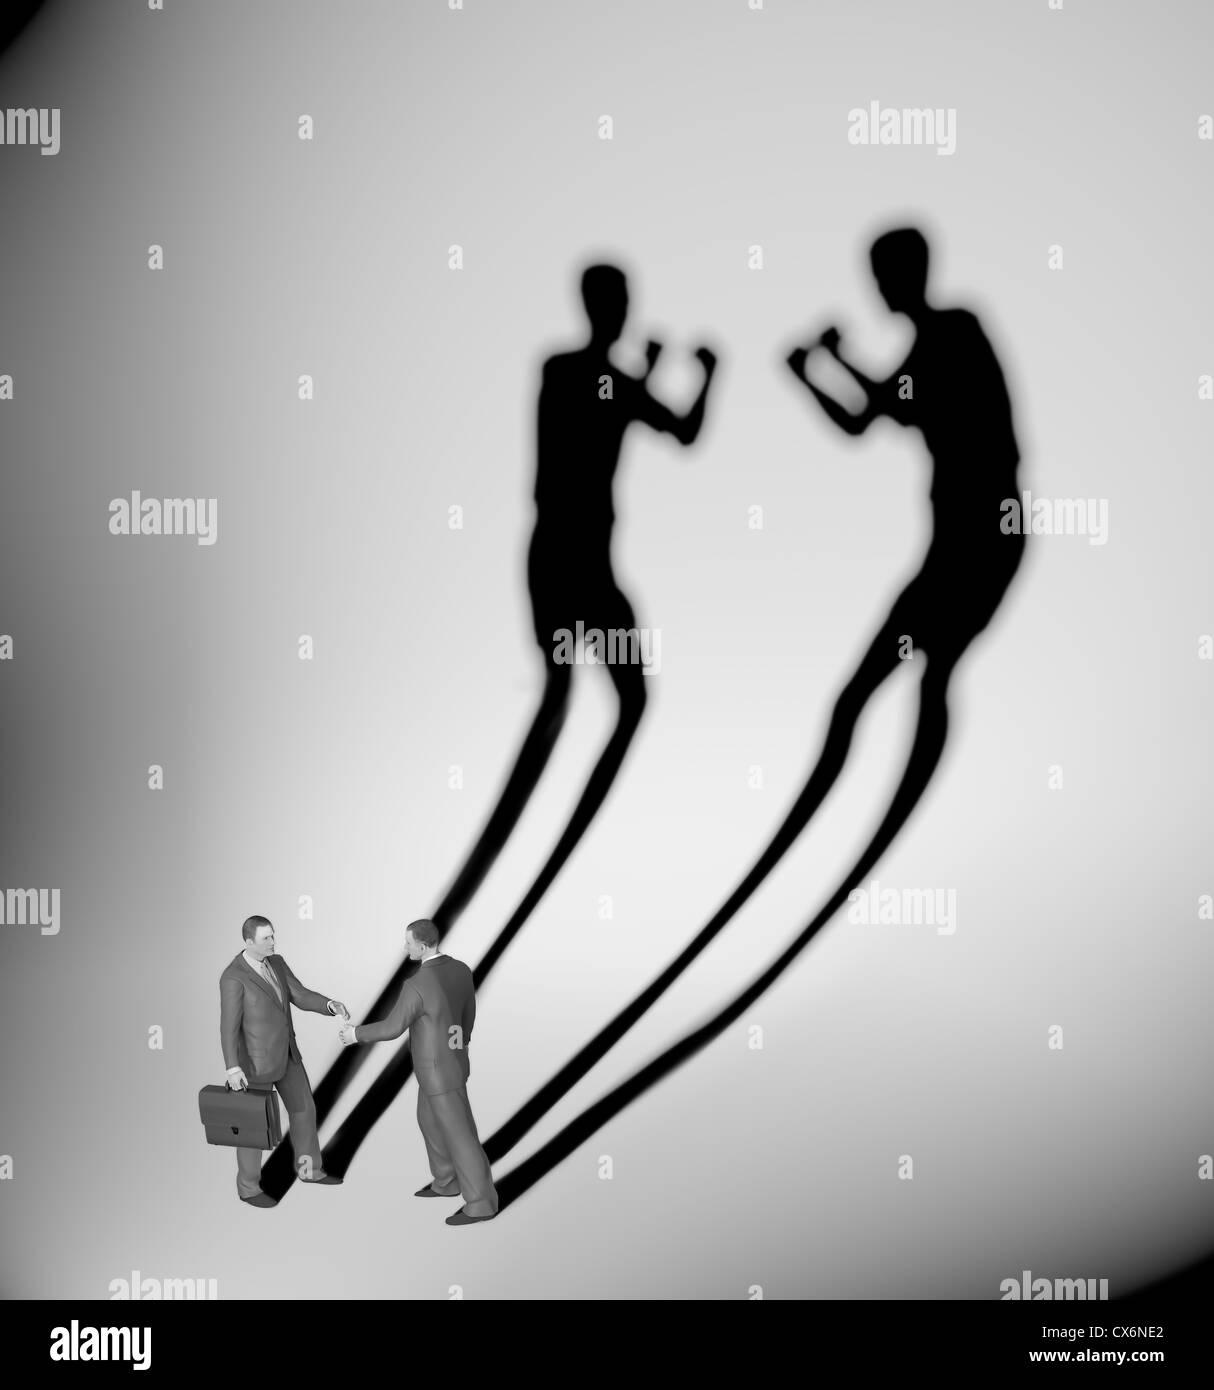 Zwei Unternehmer wirft einen Schatten geformt wie zwei Kämpfer Stockbild